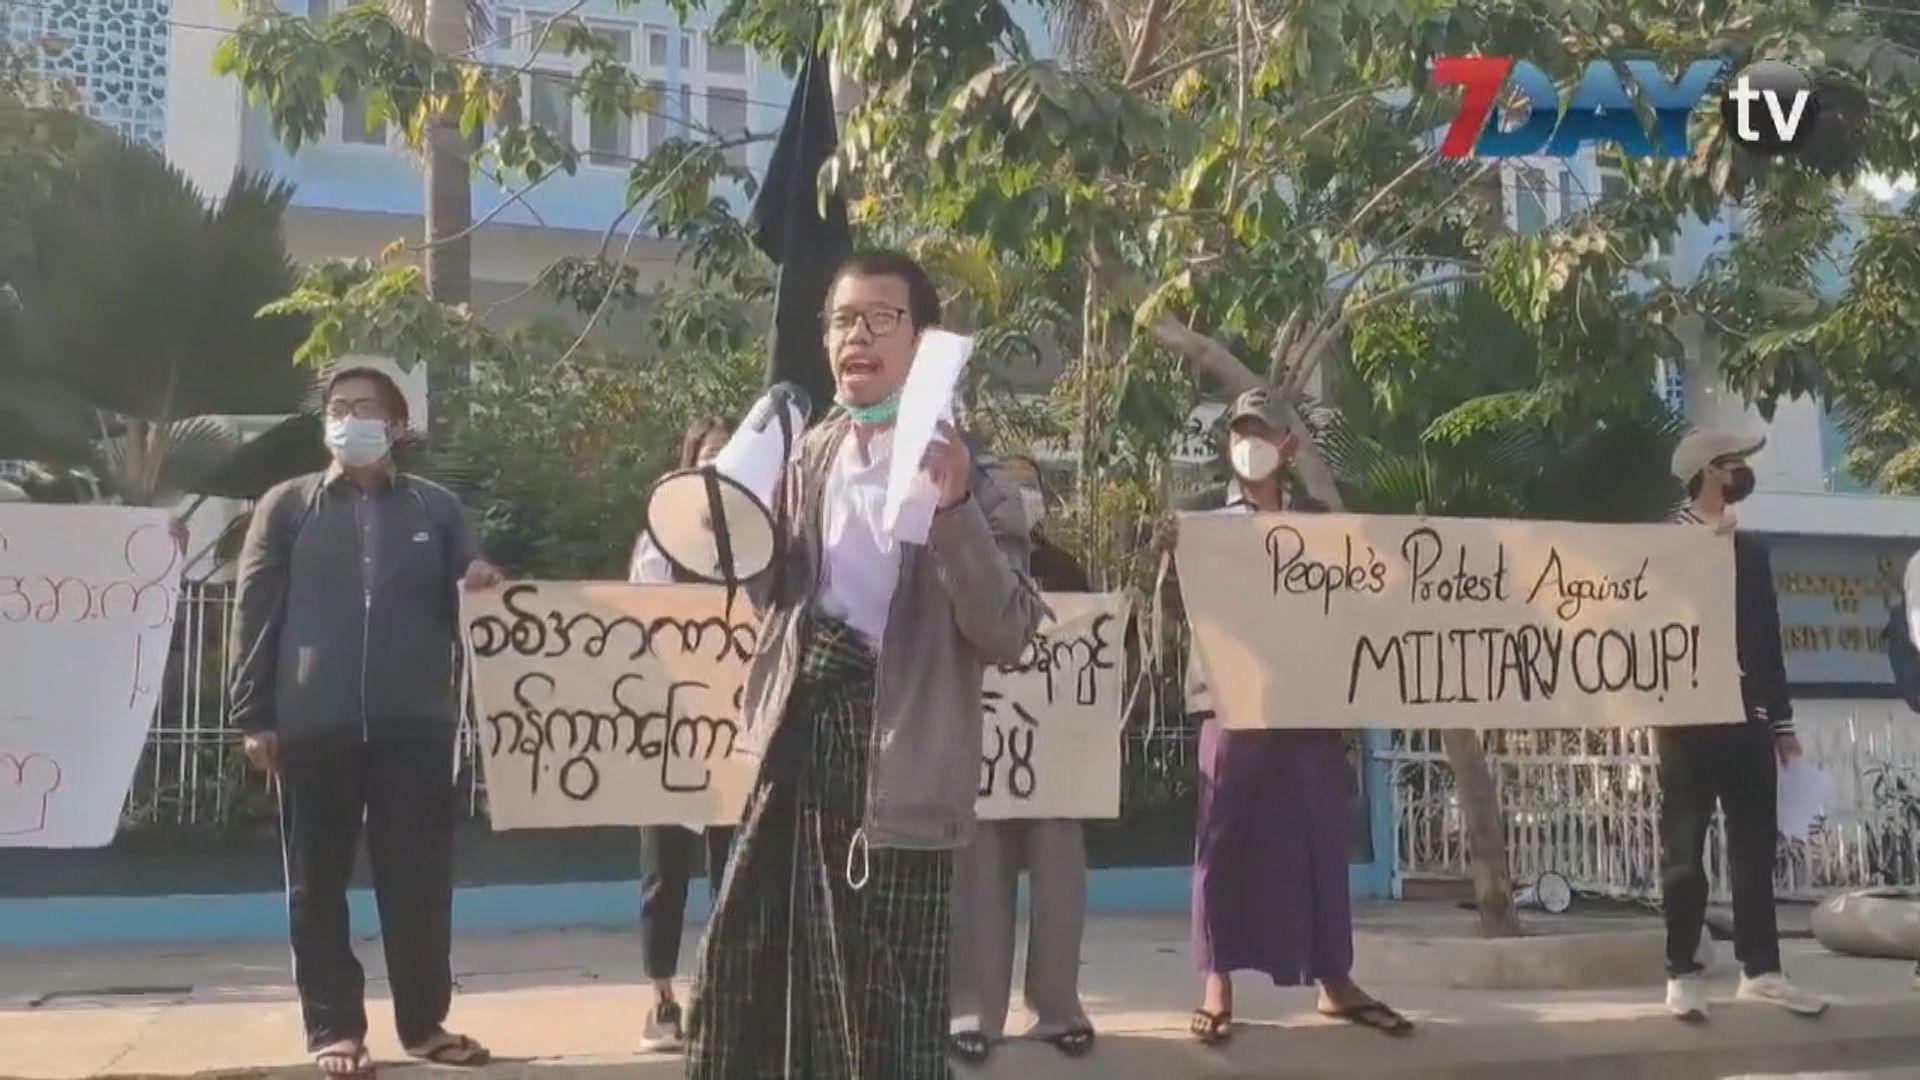 聯合國動員國際施壓確保緬甸軍方政變失敗